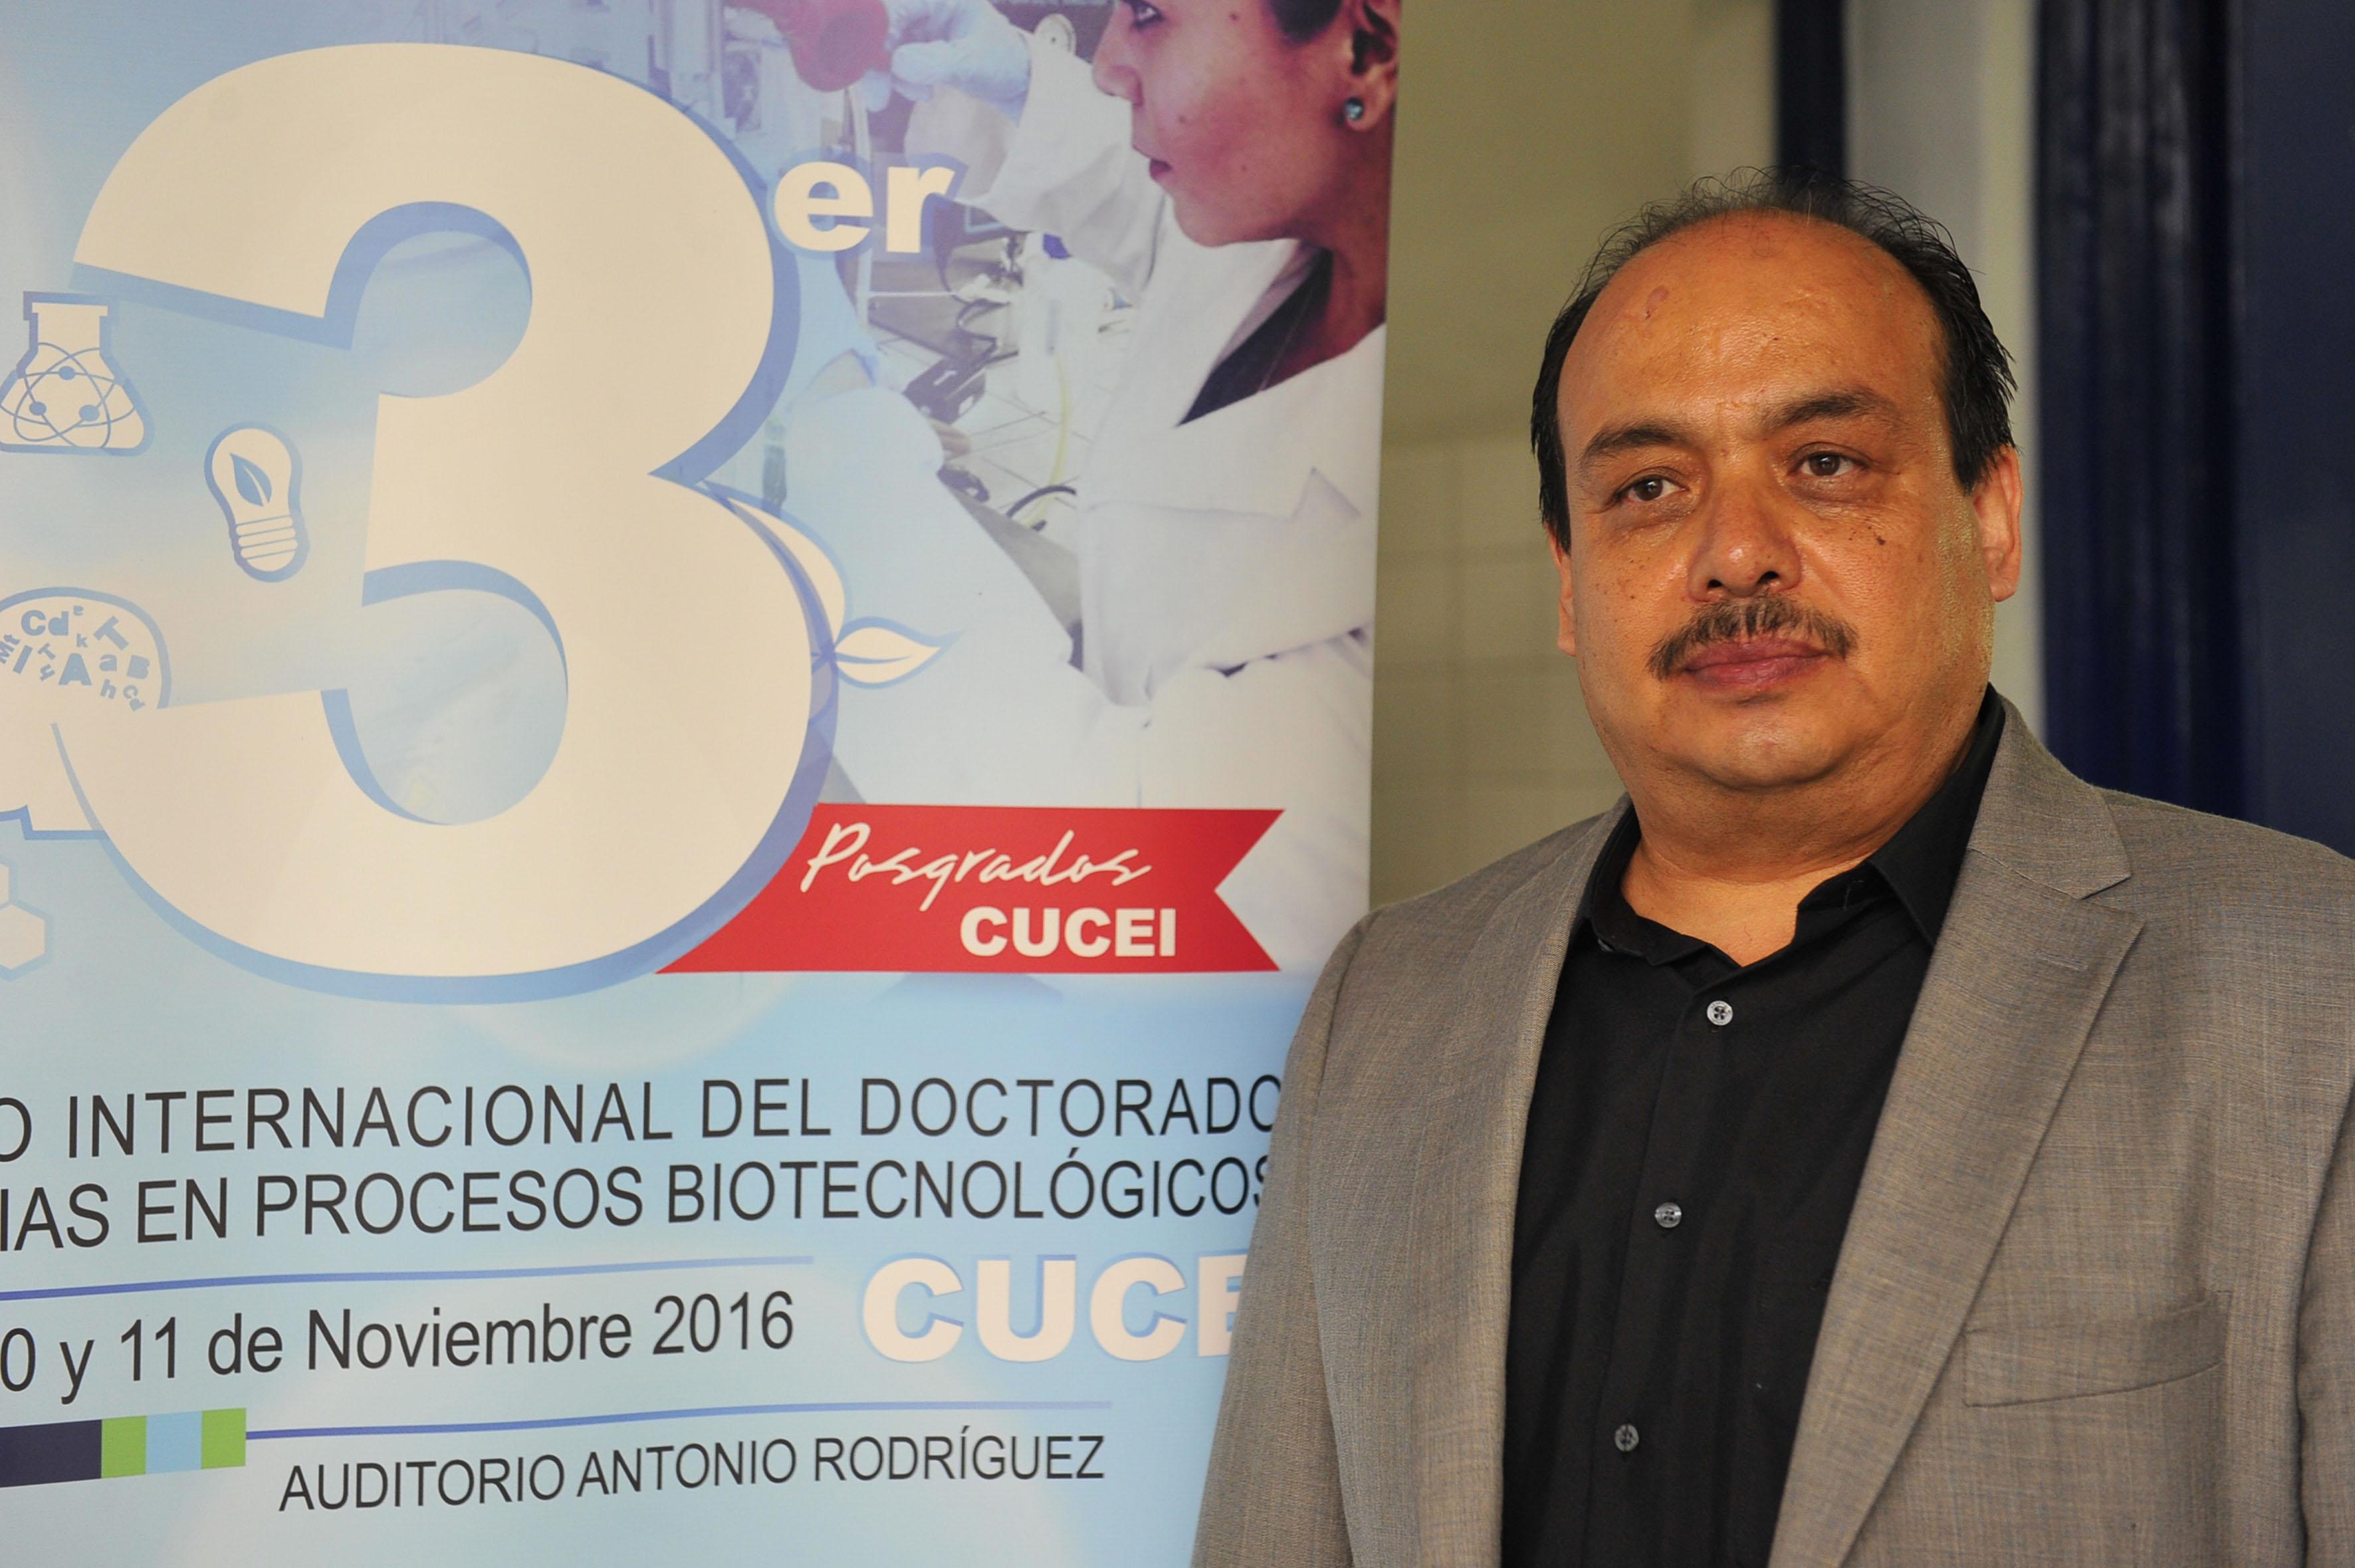 Dr Orfil González Reynoso participando en la inauguración del 3er Simposio Internacional del Doctorado en Ciencias en Procesos Biotecnológicos, organizado por el Centro Universitario de Ciencias Exactas e Ingenierías (CUCEI)